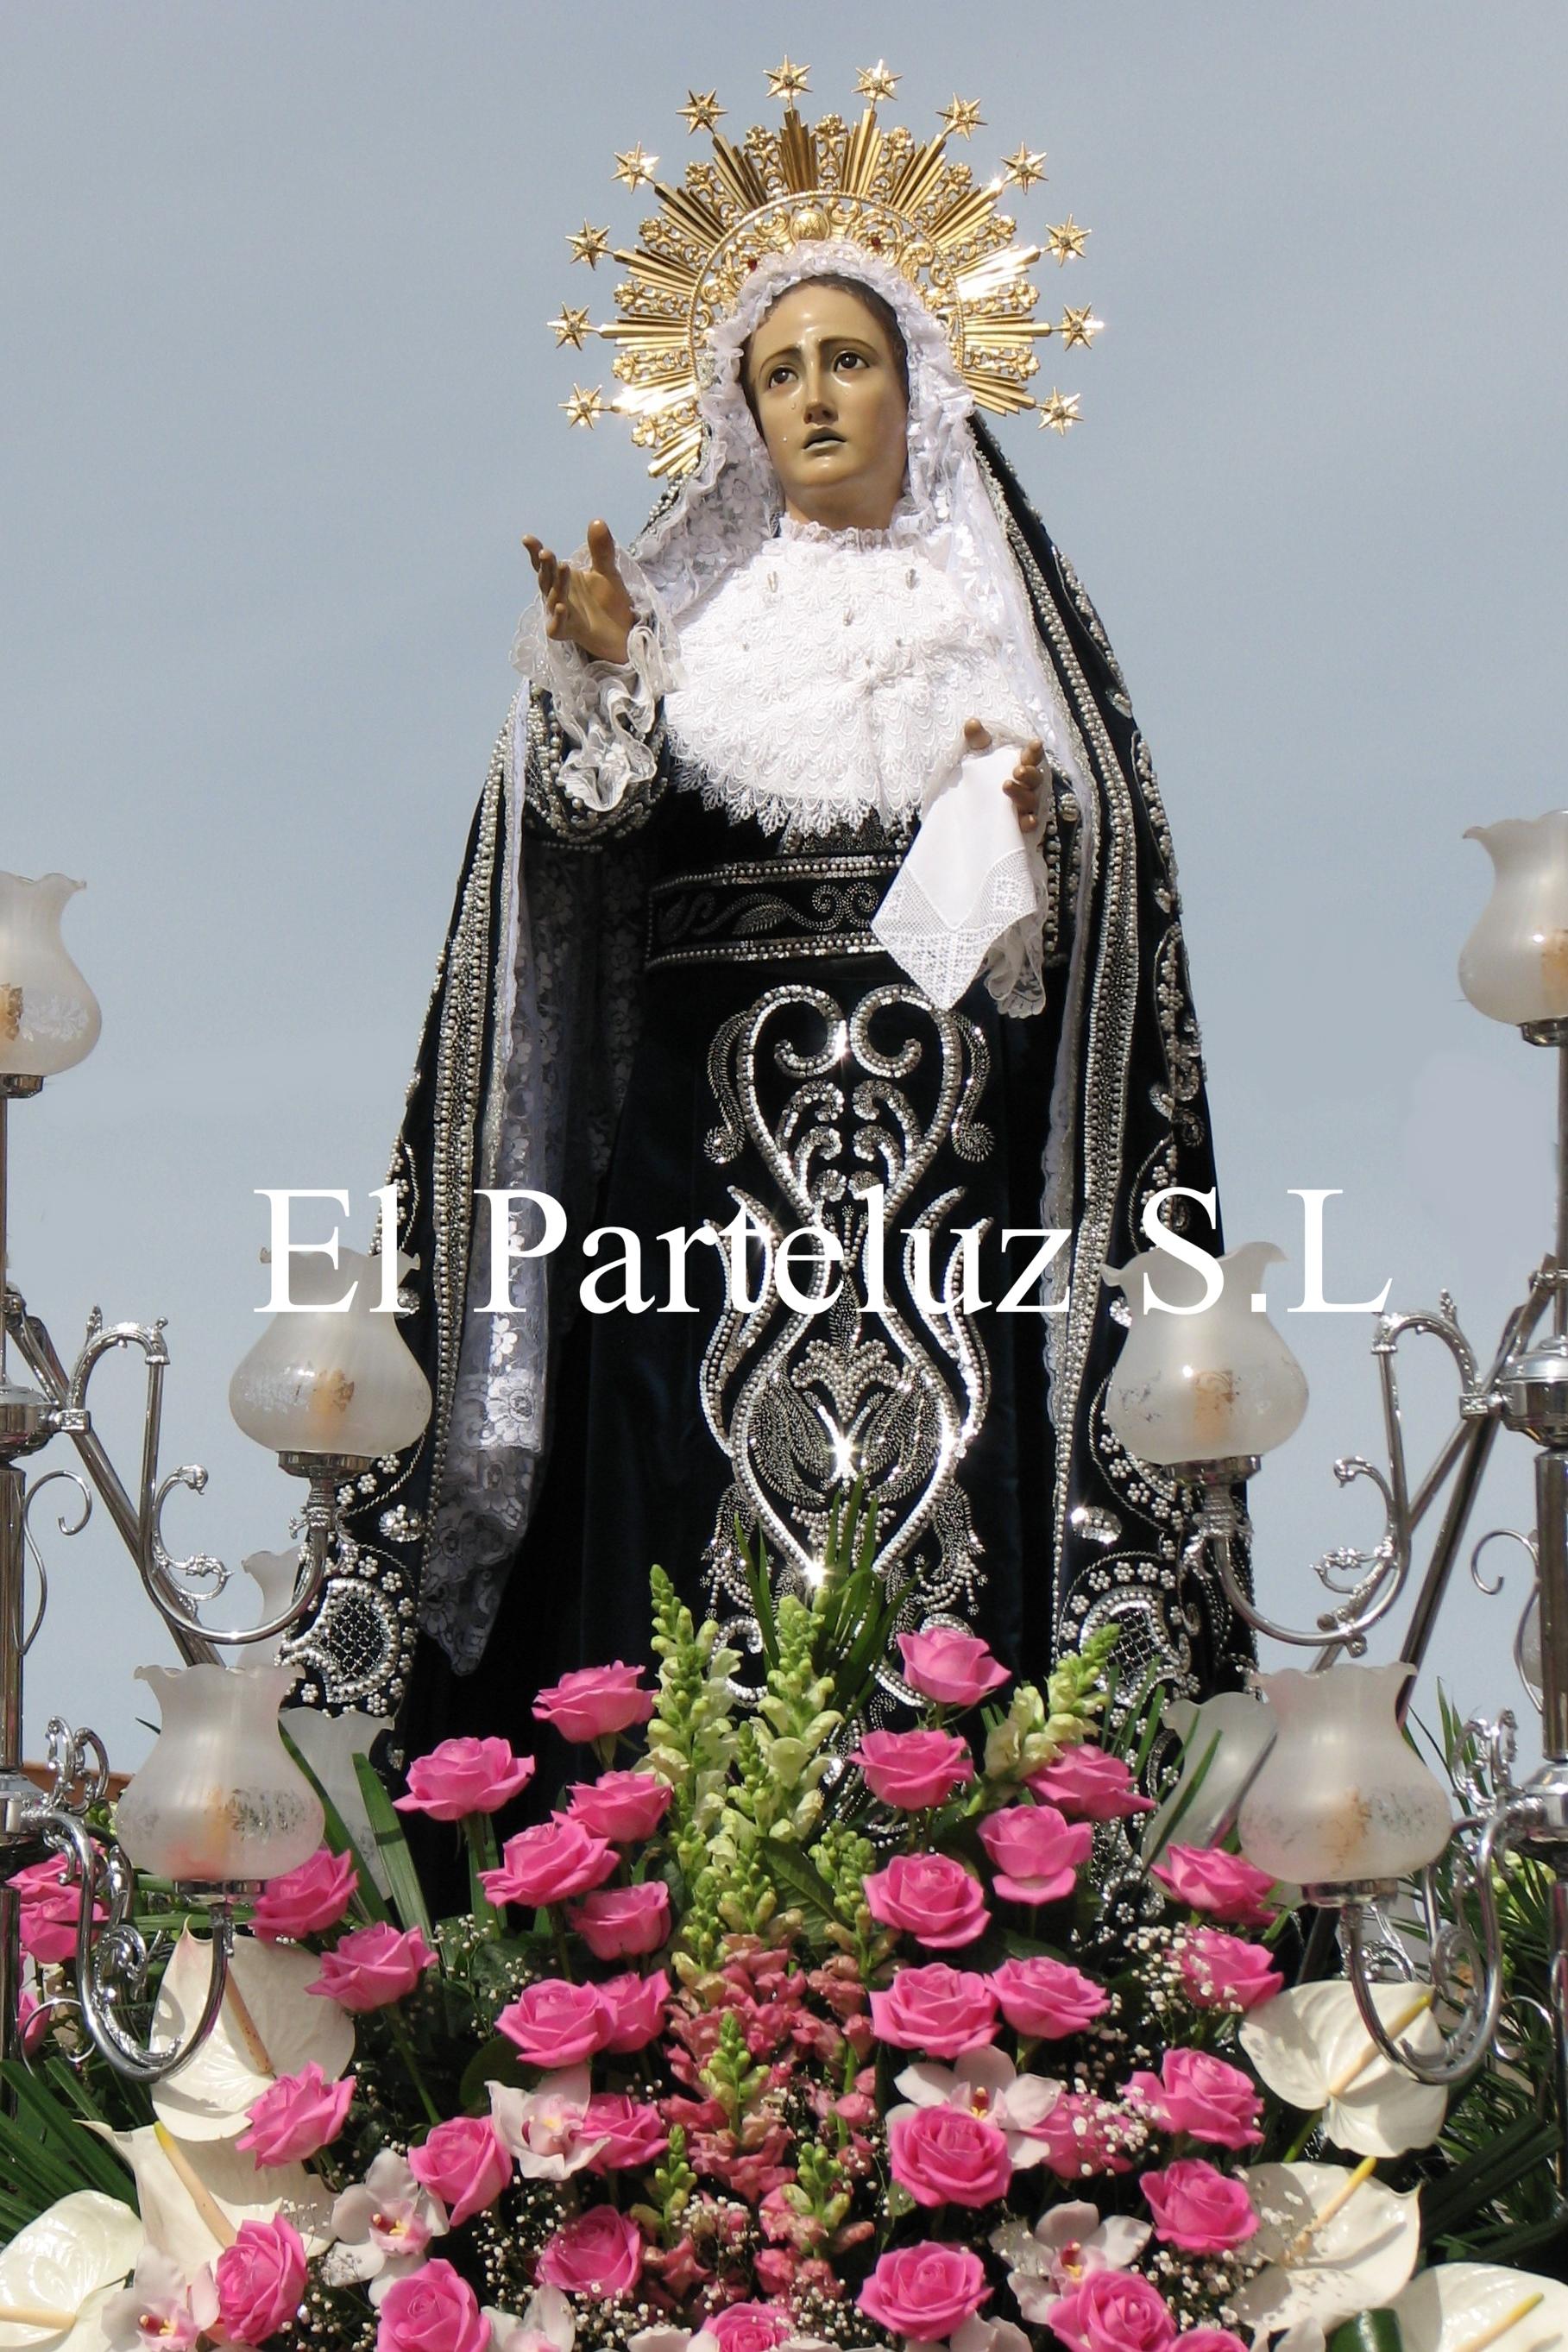 Dolorosa Pozohondo José Díes López. Pablo Nieto Parteluz S.L.